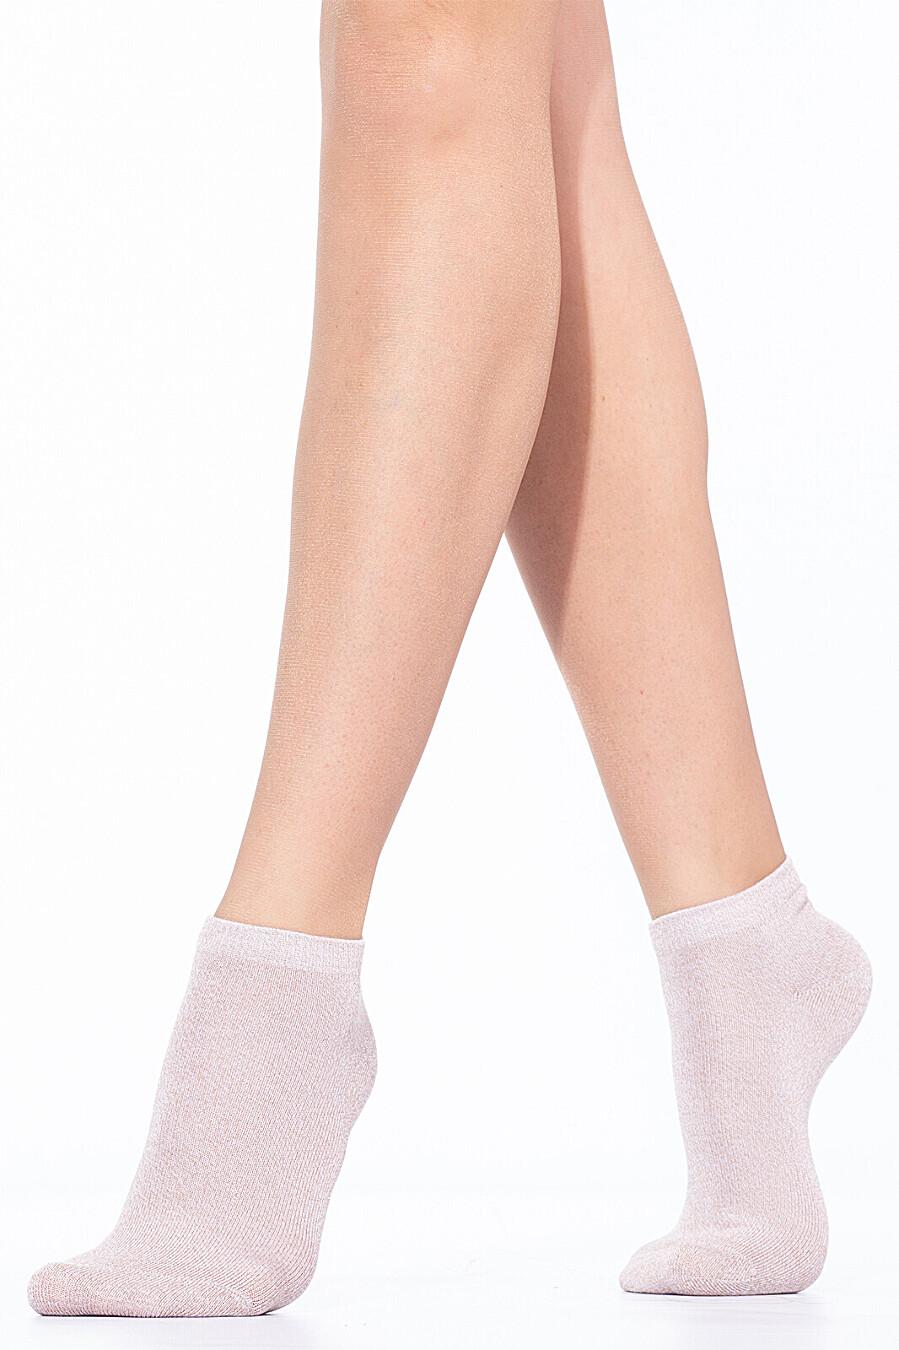 Носки для женщин MINIMI 155808 купить оптом от производителя. Совместная покупка женской одежды в OptMoyo